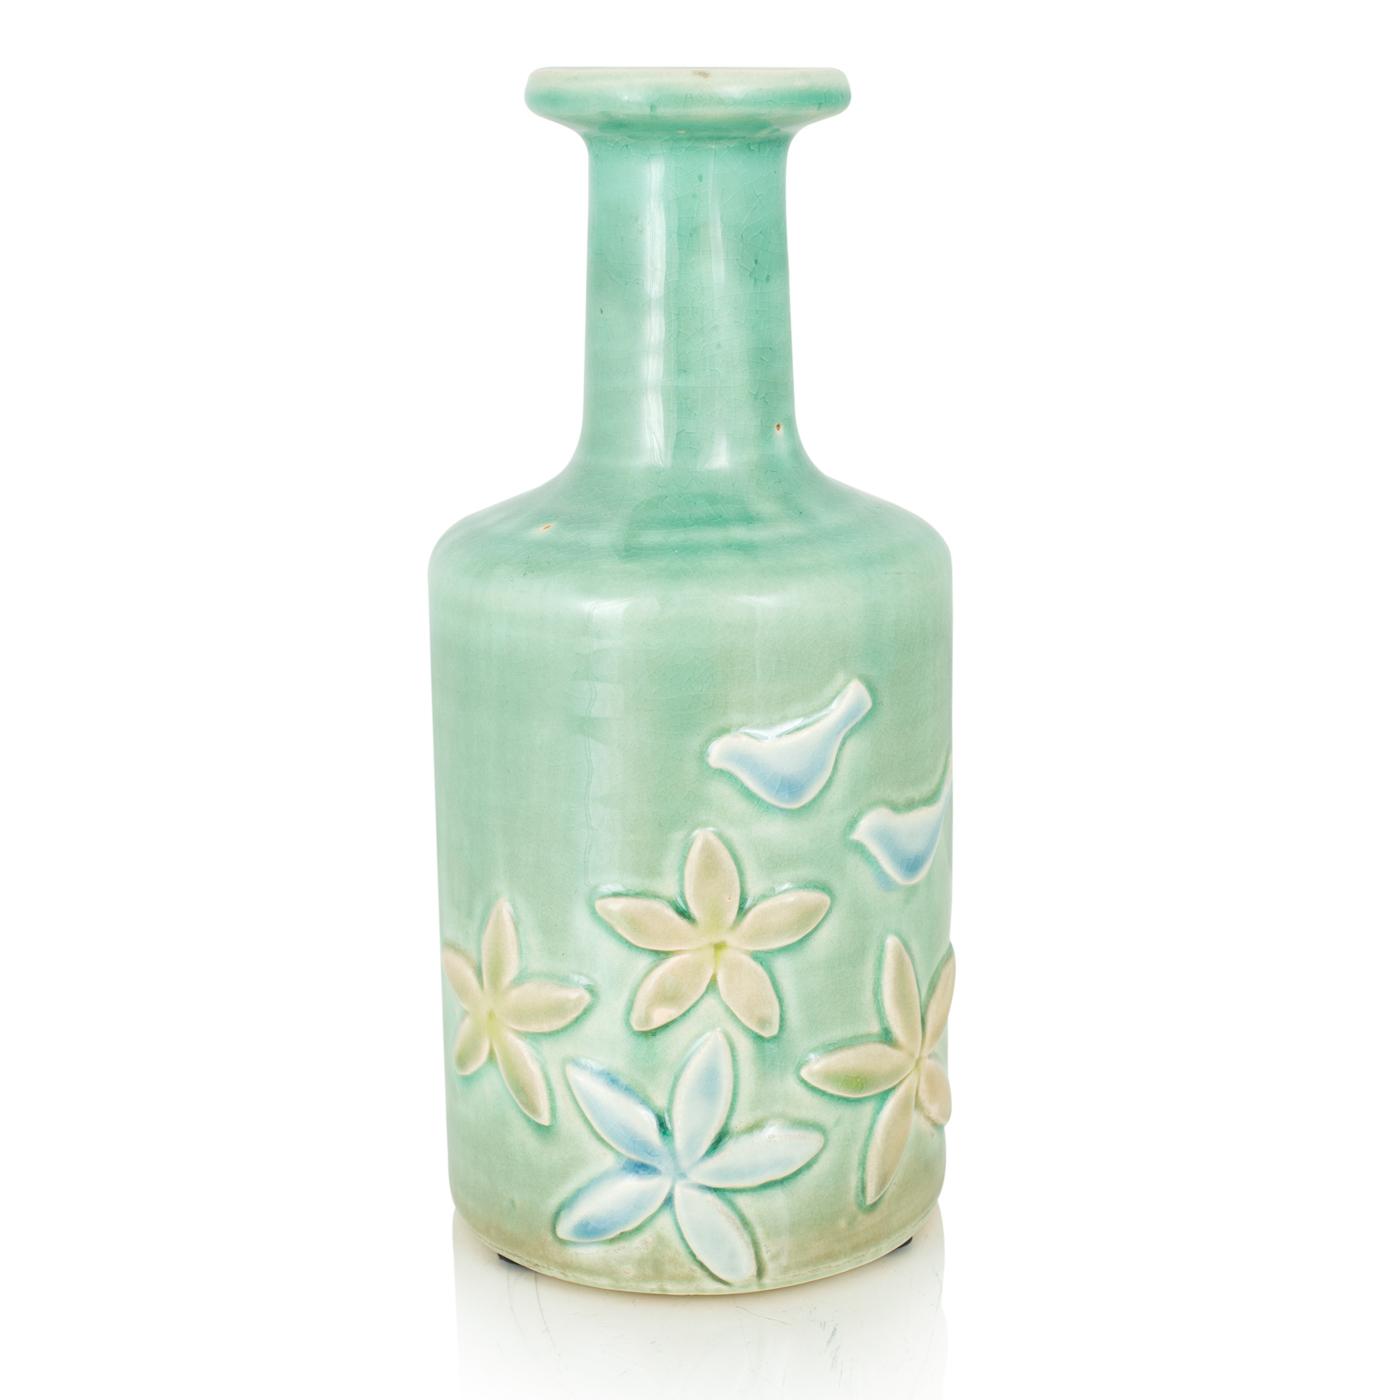 {} Home Philosophy Ваза Luzon Цвет: Светло-Зеленый (11х11х26 см) home philosophy ваза mariana цвет молочный набор